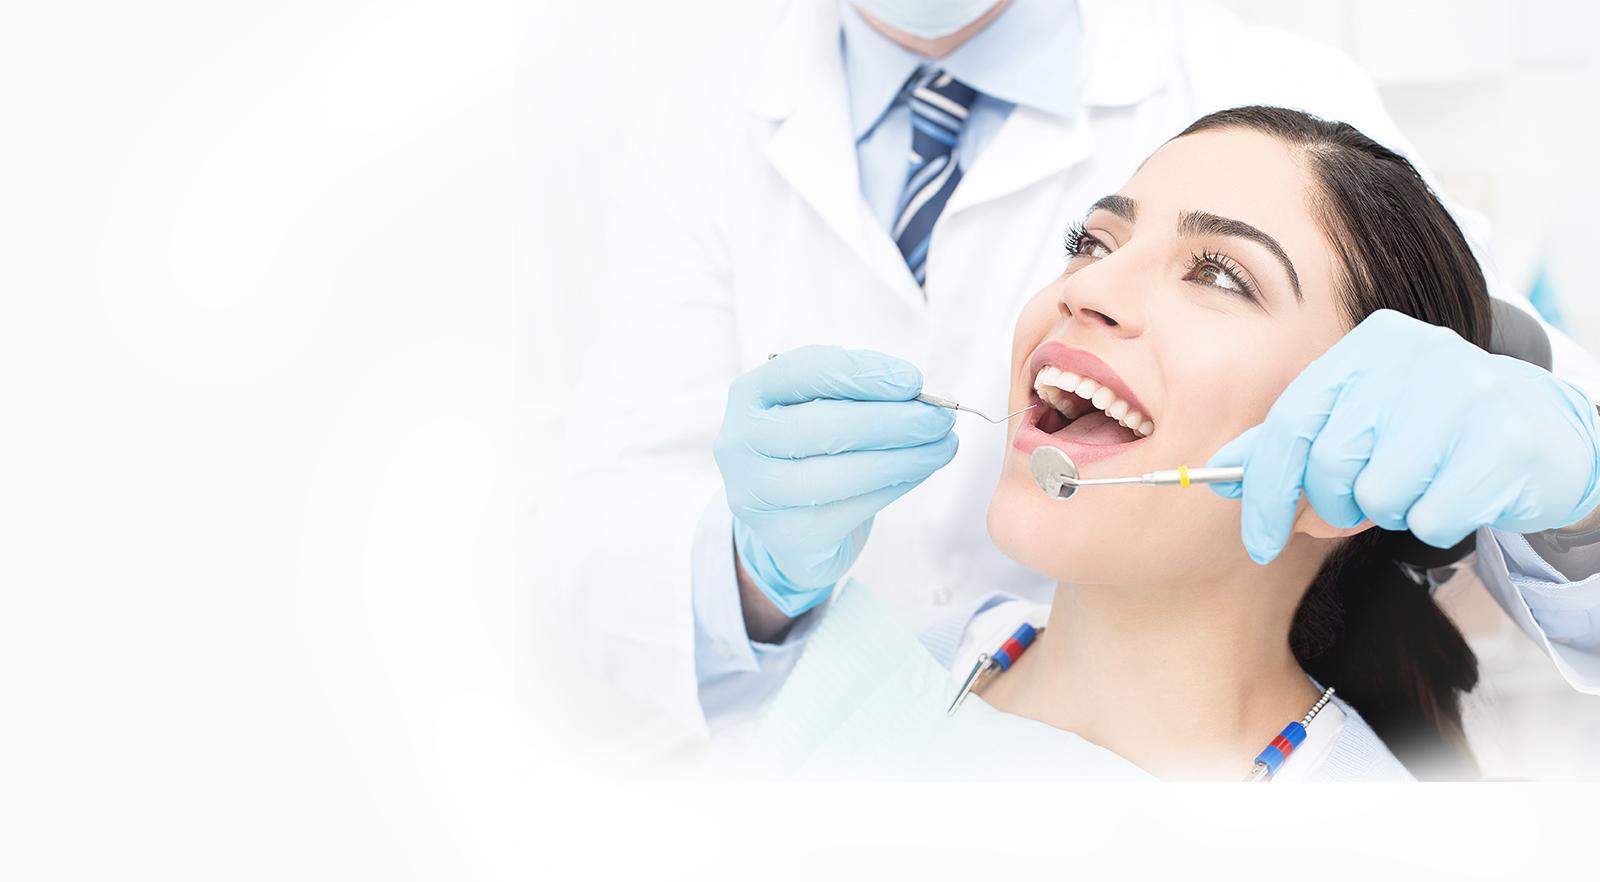 Slider Image of Girl getting Dental Checkup